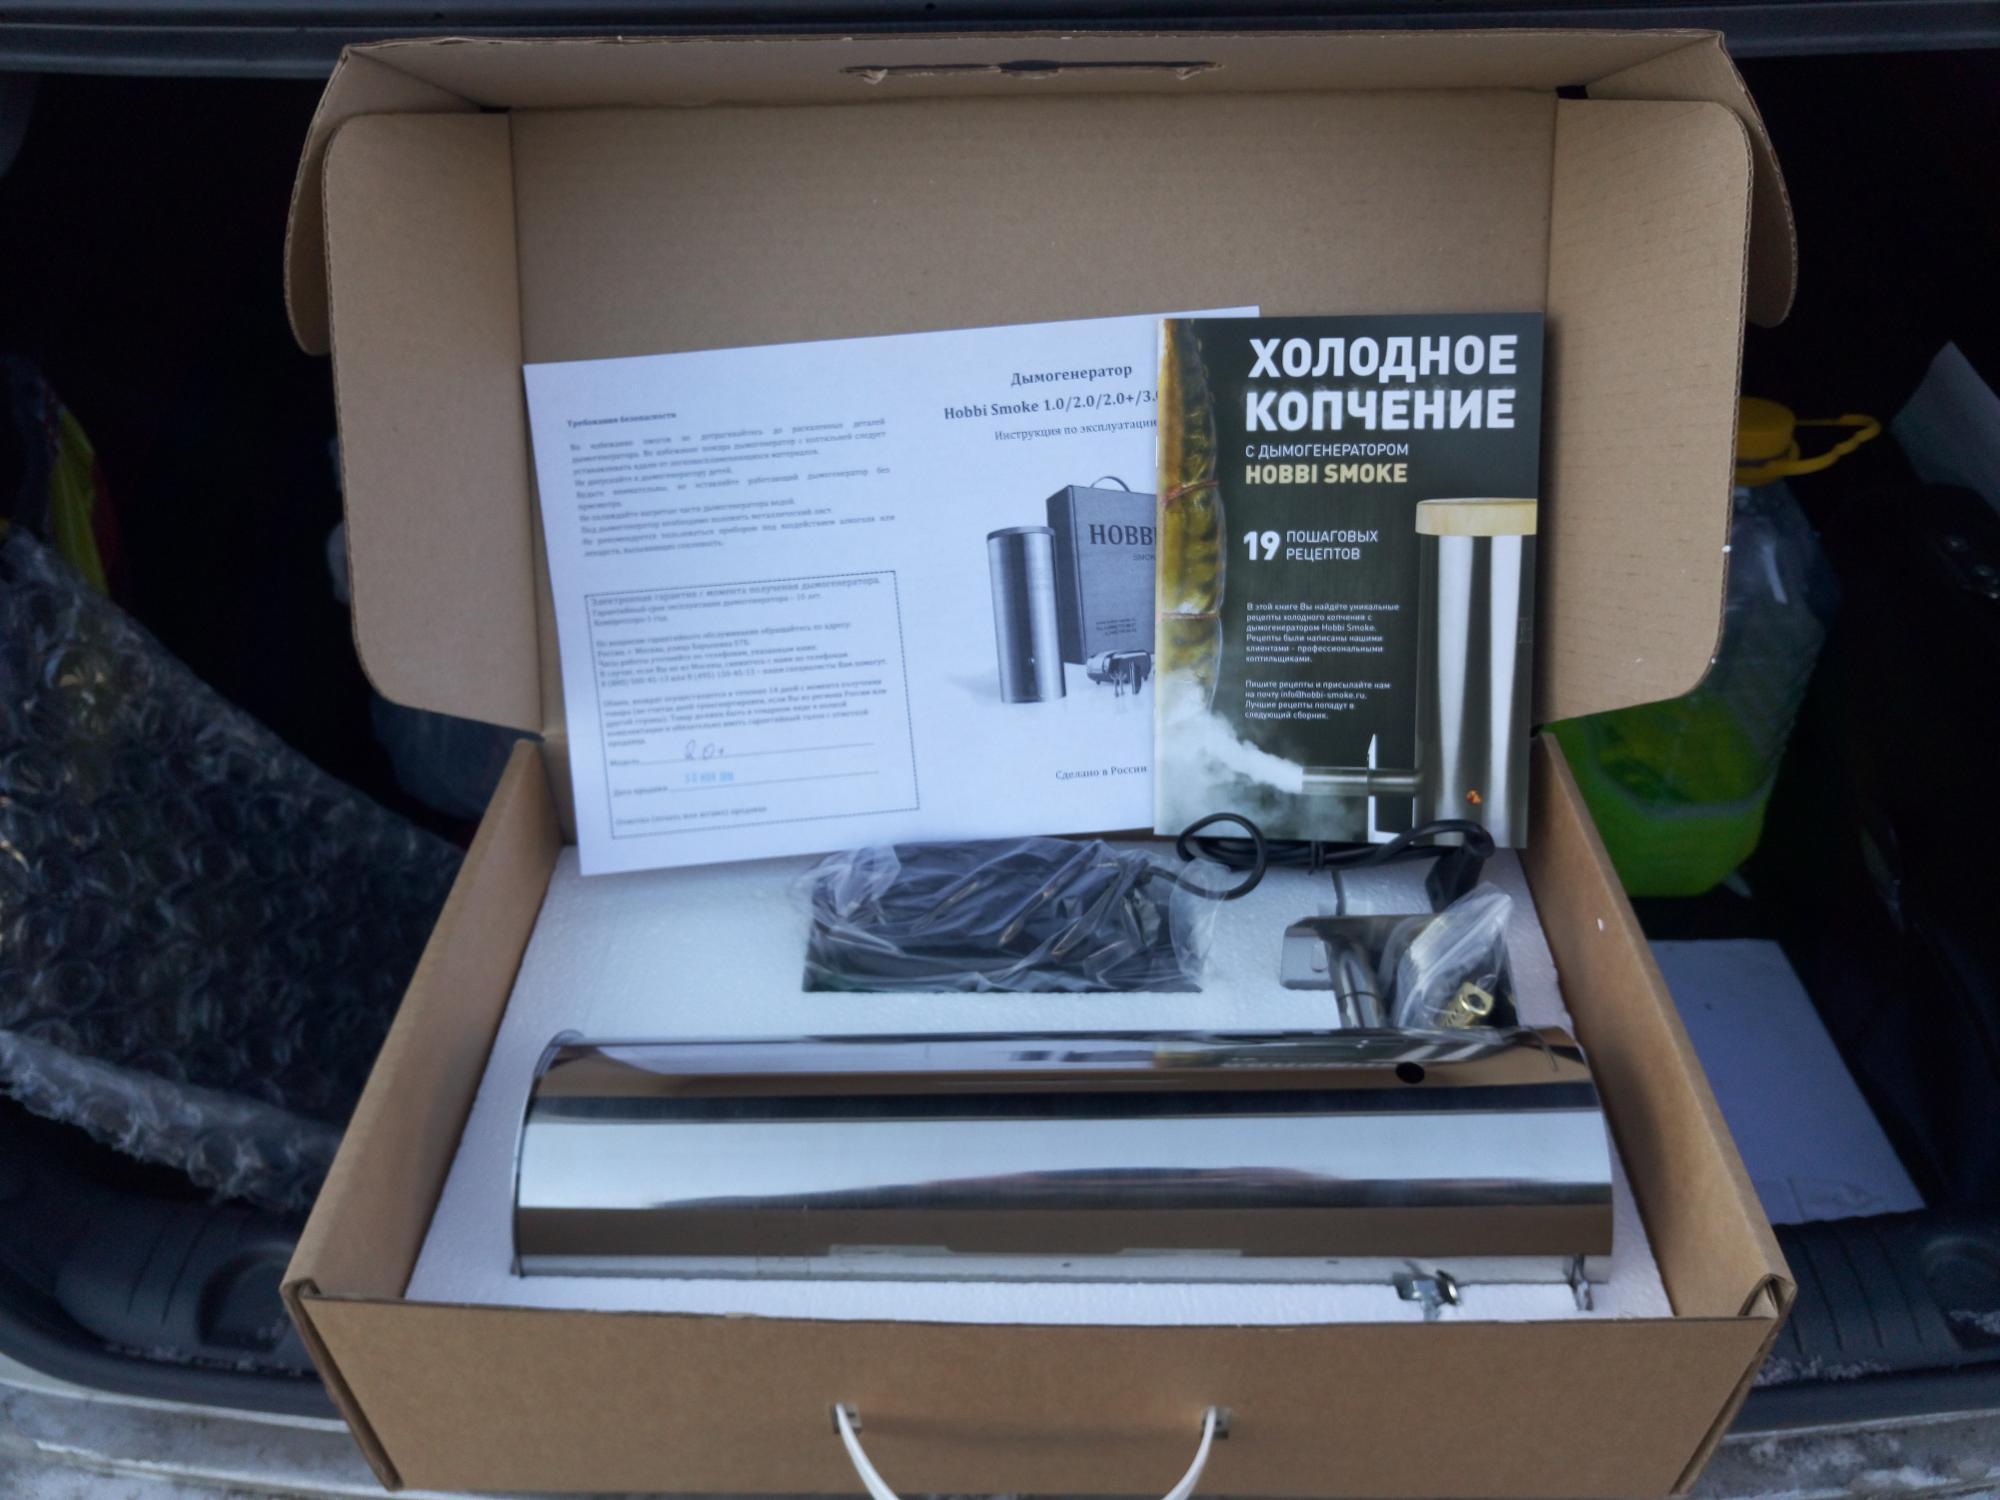 Дымогенератор для холодного копчения в Москве 89169258050 купить 4